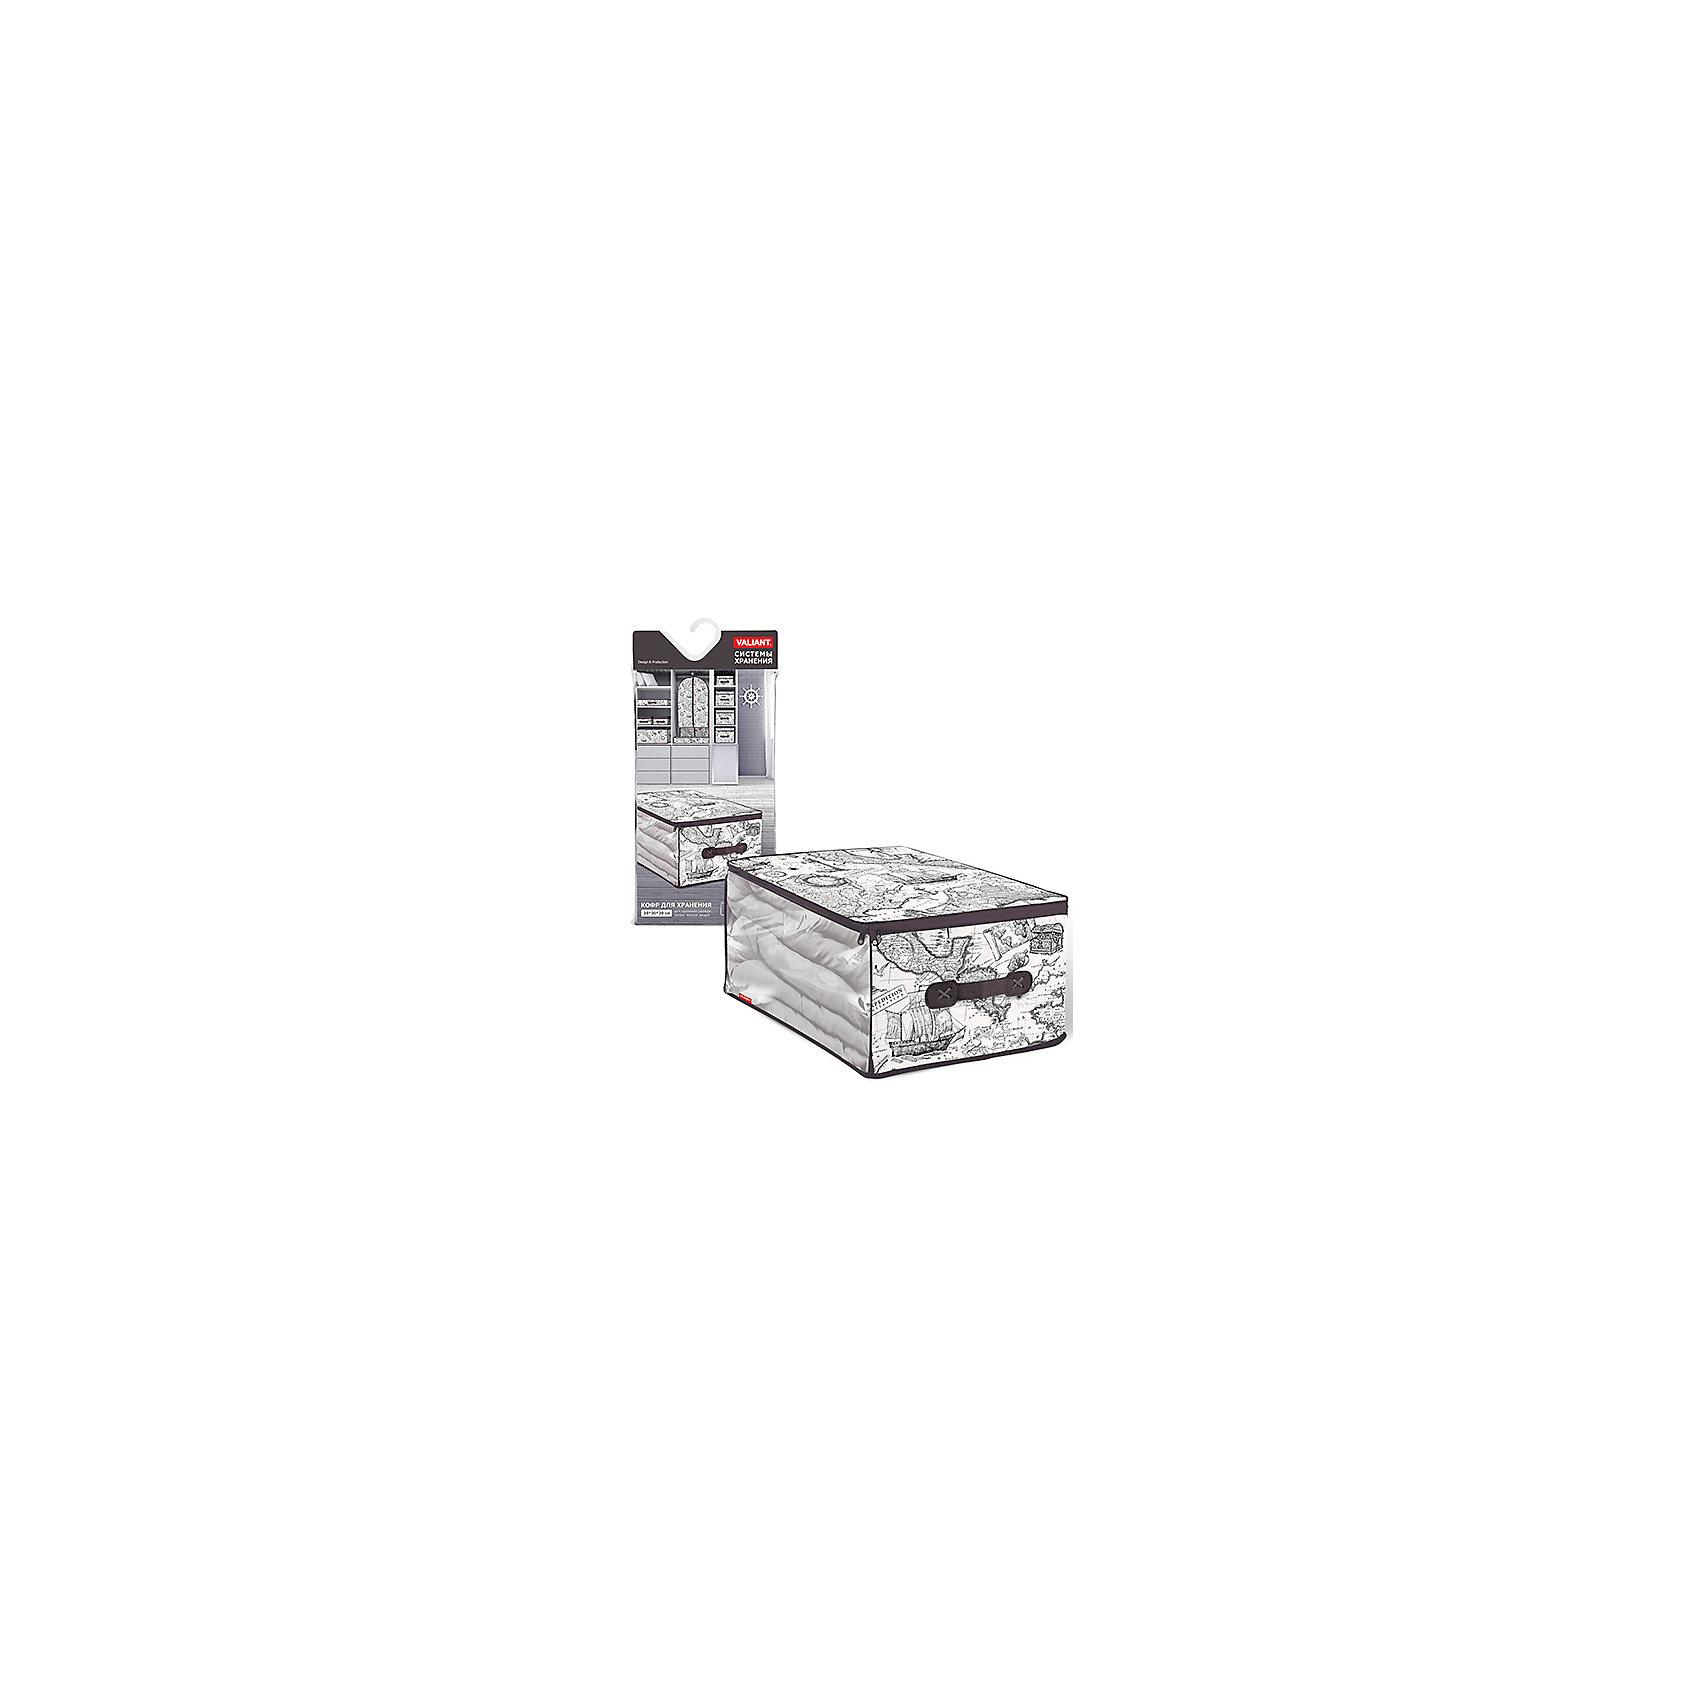 Кофр для хранения, малый, 35*30*20 см, EXPEDITION, ValiantКофр для хранения, малый, 35*30*20 см, EXPEDITION, Valiant (Валиант) – это идеальное решение для хранения вещей.<br>Мягкий кофр для хранения EXPEDITION от Valiant (Валиант) изготовлен из высококачественного нетканого материала, который обеспечивает естественную вентиляцию, позволяя воздуху проникать внутрь, но не пропускает пыль. Кофр снабжен прозрачной вставкой, что позволяет легко просматривать содержимое. Закрывается на застежку - молнию. В таком кофре удобно хранить  одежду, белье и мелкие аксессуары, а также постельные принадлежности и домашний текстиль. Сбоку имеется ручка. Кофр оформлен стильным и неброским рисунком в виде географической карты, который напомнит Вам о путешествиях. Оригинальный монохромный дизайн погружает в романтическую атмосферу морских экспедиций, дальних странствий и географических открытий. Кофр для хранения EXPEDITION от Valiant (Валиант) станет стильным акцентом в современном гардеробе.<br><br>Дополнительная информация:<br><br>- Размер: 35х30х20 см.<br>- Материал: нетканый материал, ПВХ<br>- Цвет: коричневый<br><br>Кофр для хранения, малый, 35*30*20 см, EXPEDITION, Valiant (Валиант) можно купить в нашем интернет-магазине.<br><br>Ширина мм: 170<br>Глубина мм: 25<br>Высота мм: 400<br>Вес г: 125<br>Возраст от месяцев: 36<br>Возраст до месяцев: 1080<br>Пол: Унисекс<br>Возраст: Детский<br>SKU: 4993420